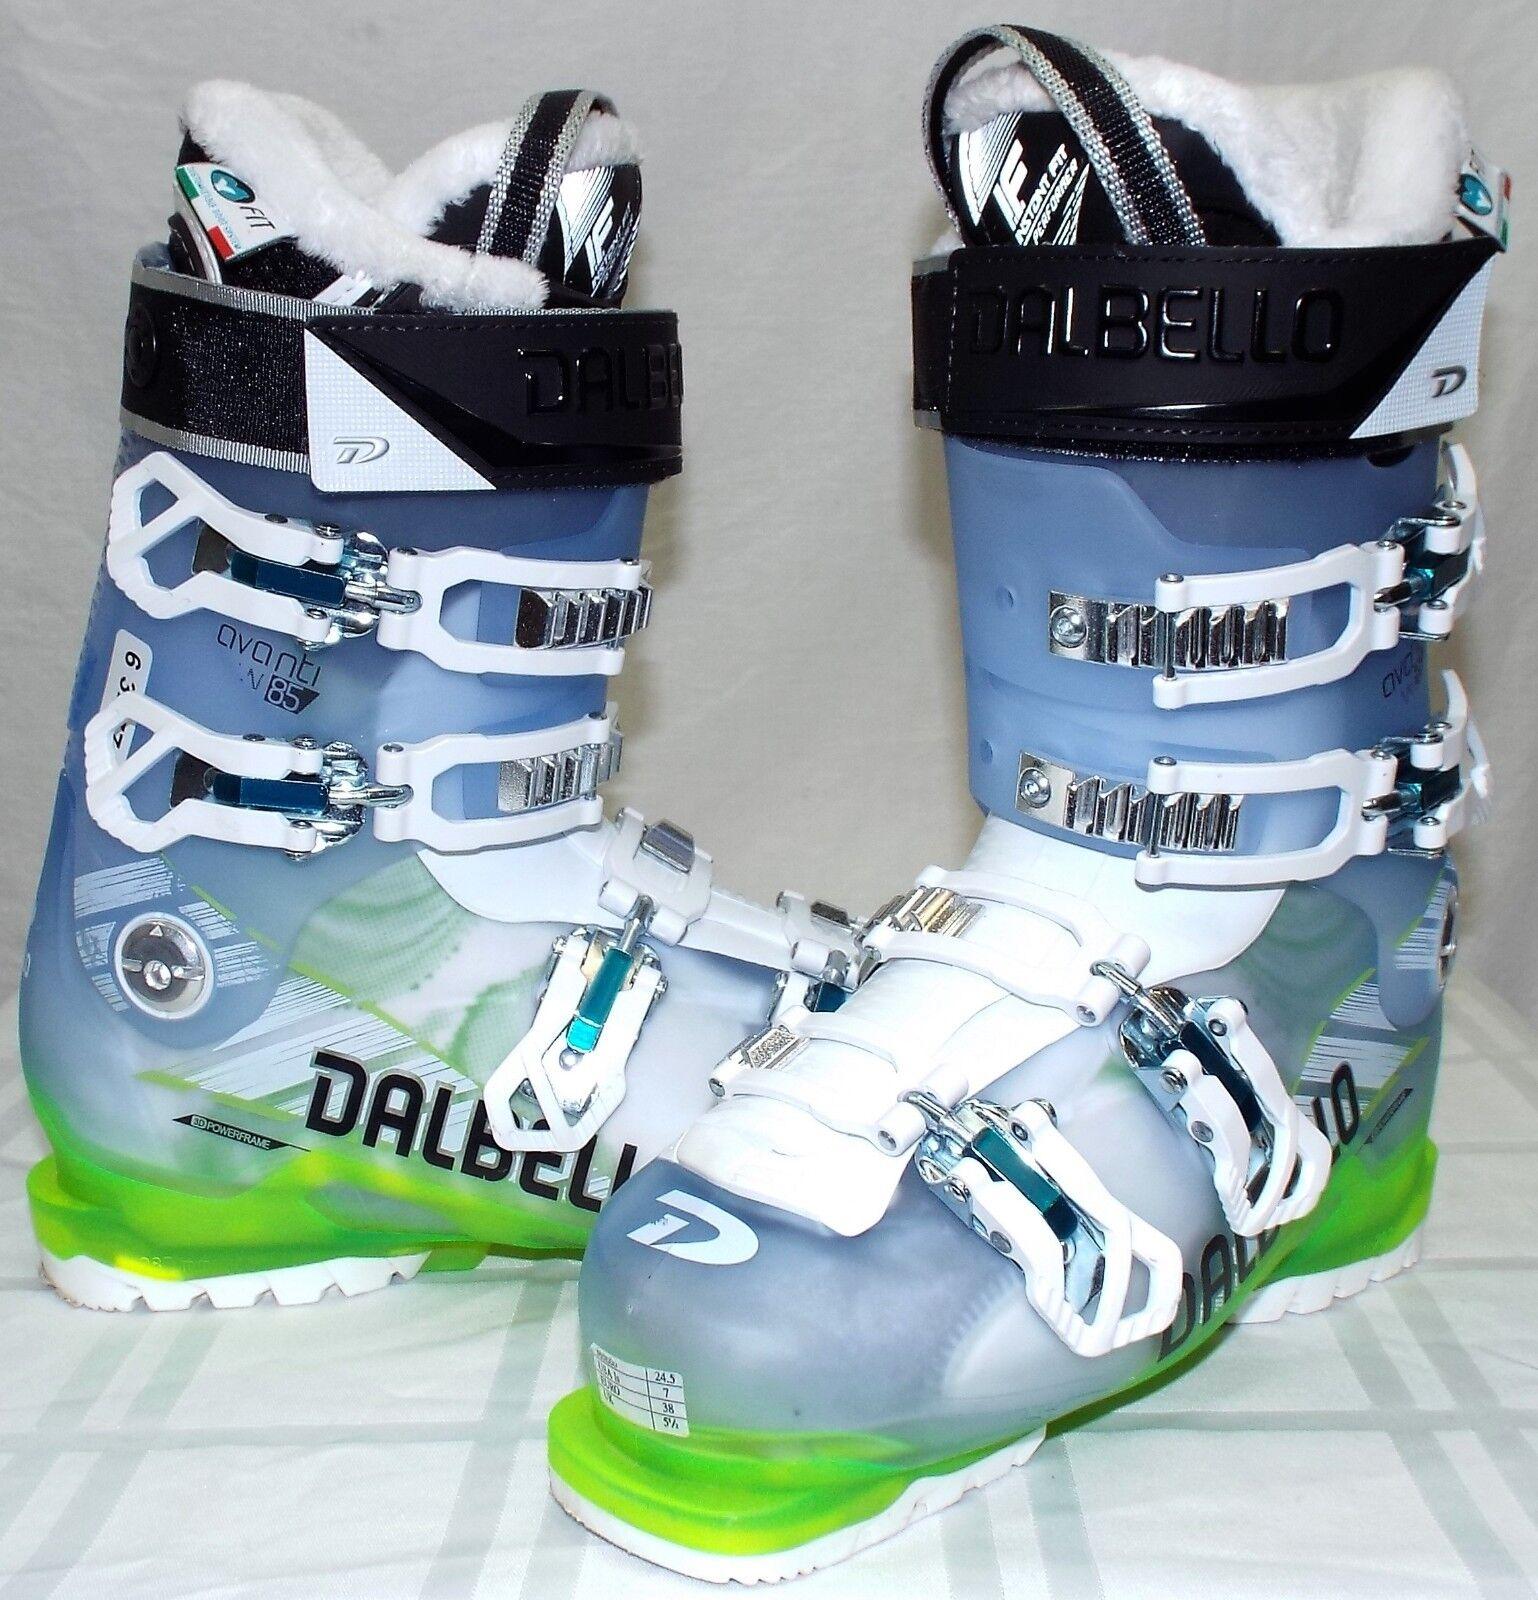 Dalbello Avanti 85 Used Women's Ski Boots Size 24.5